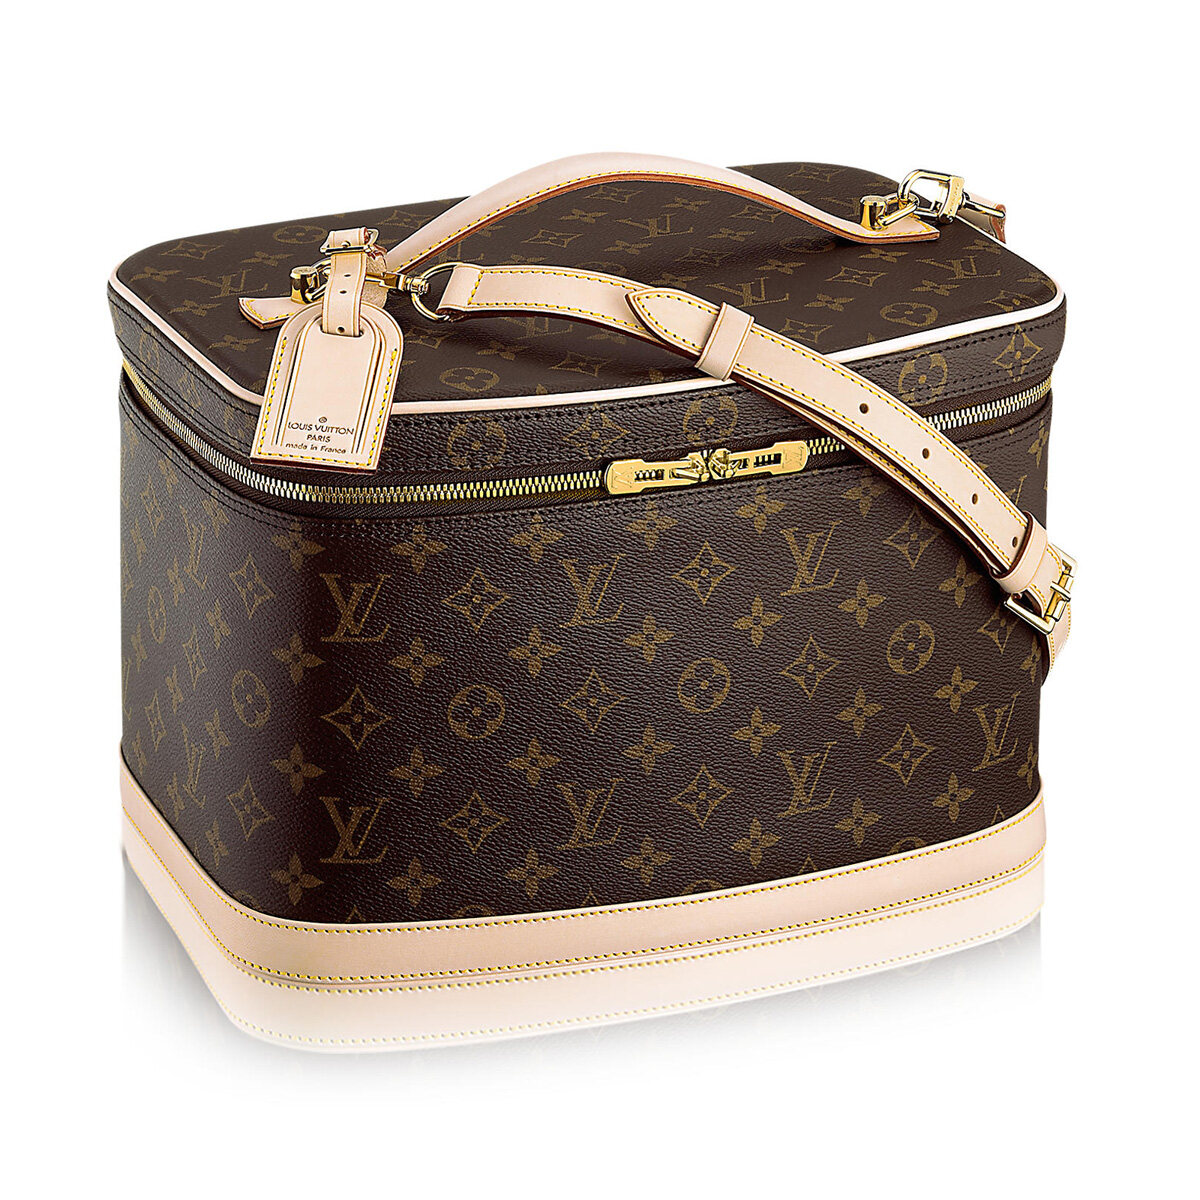 Louis Vuitton Makeup Bag Monogram Cosmetic Handbag Vanity